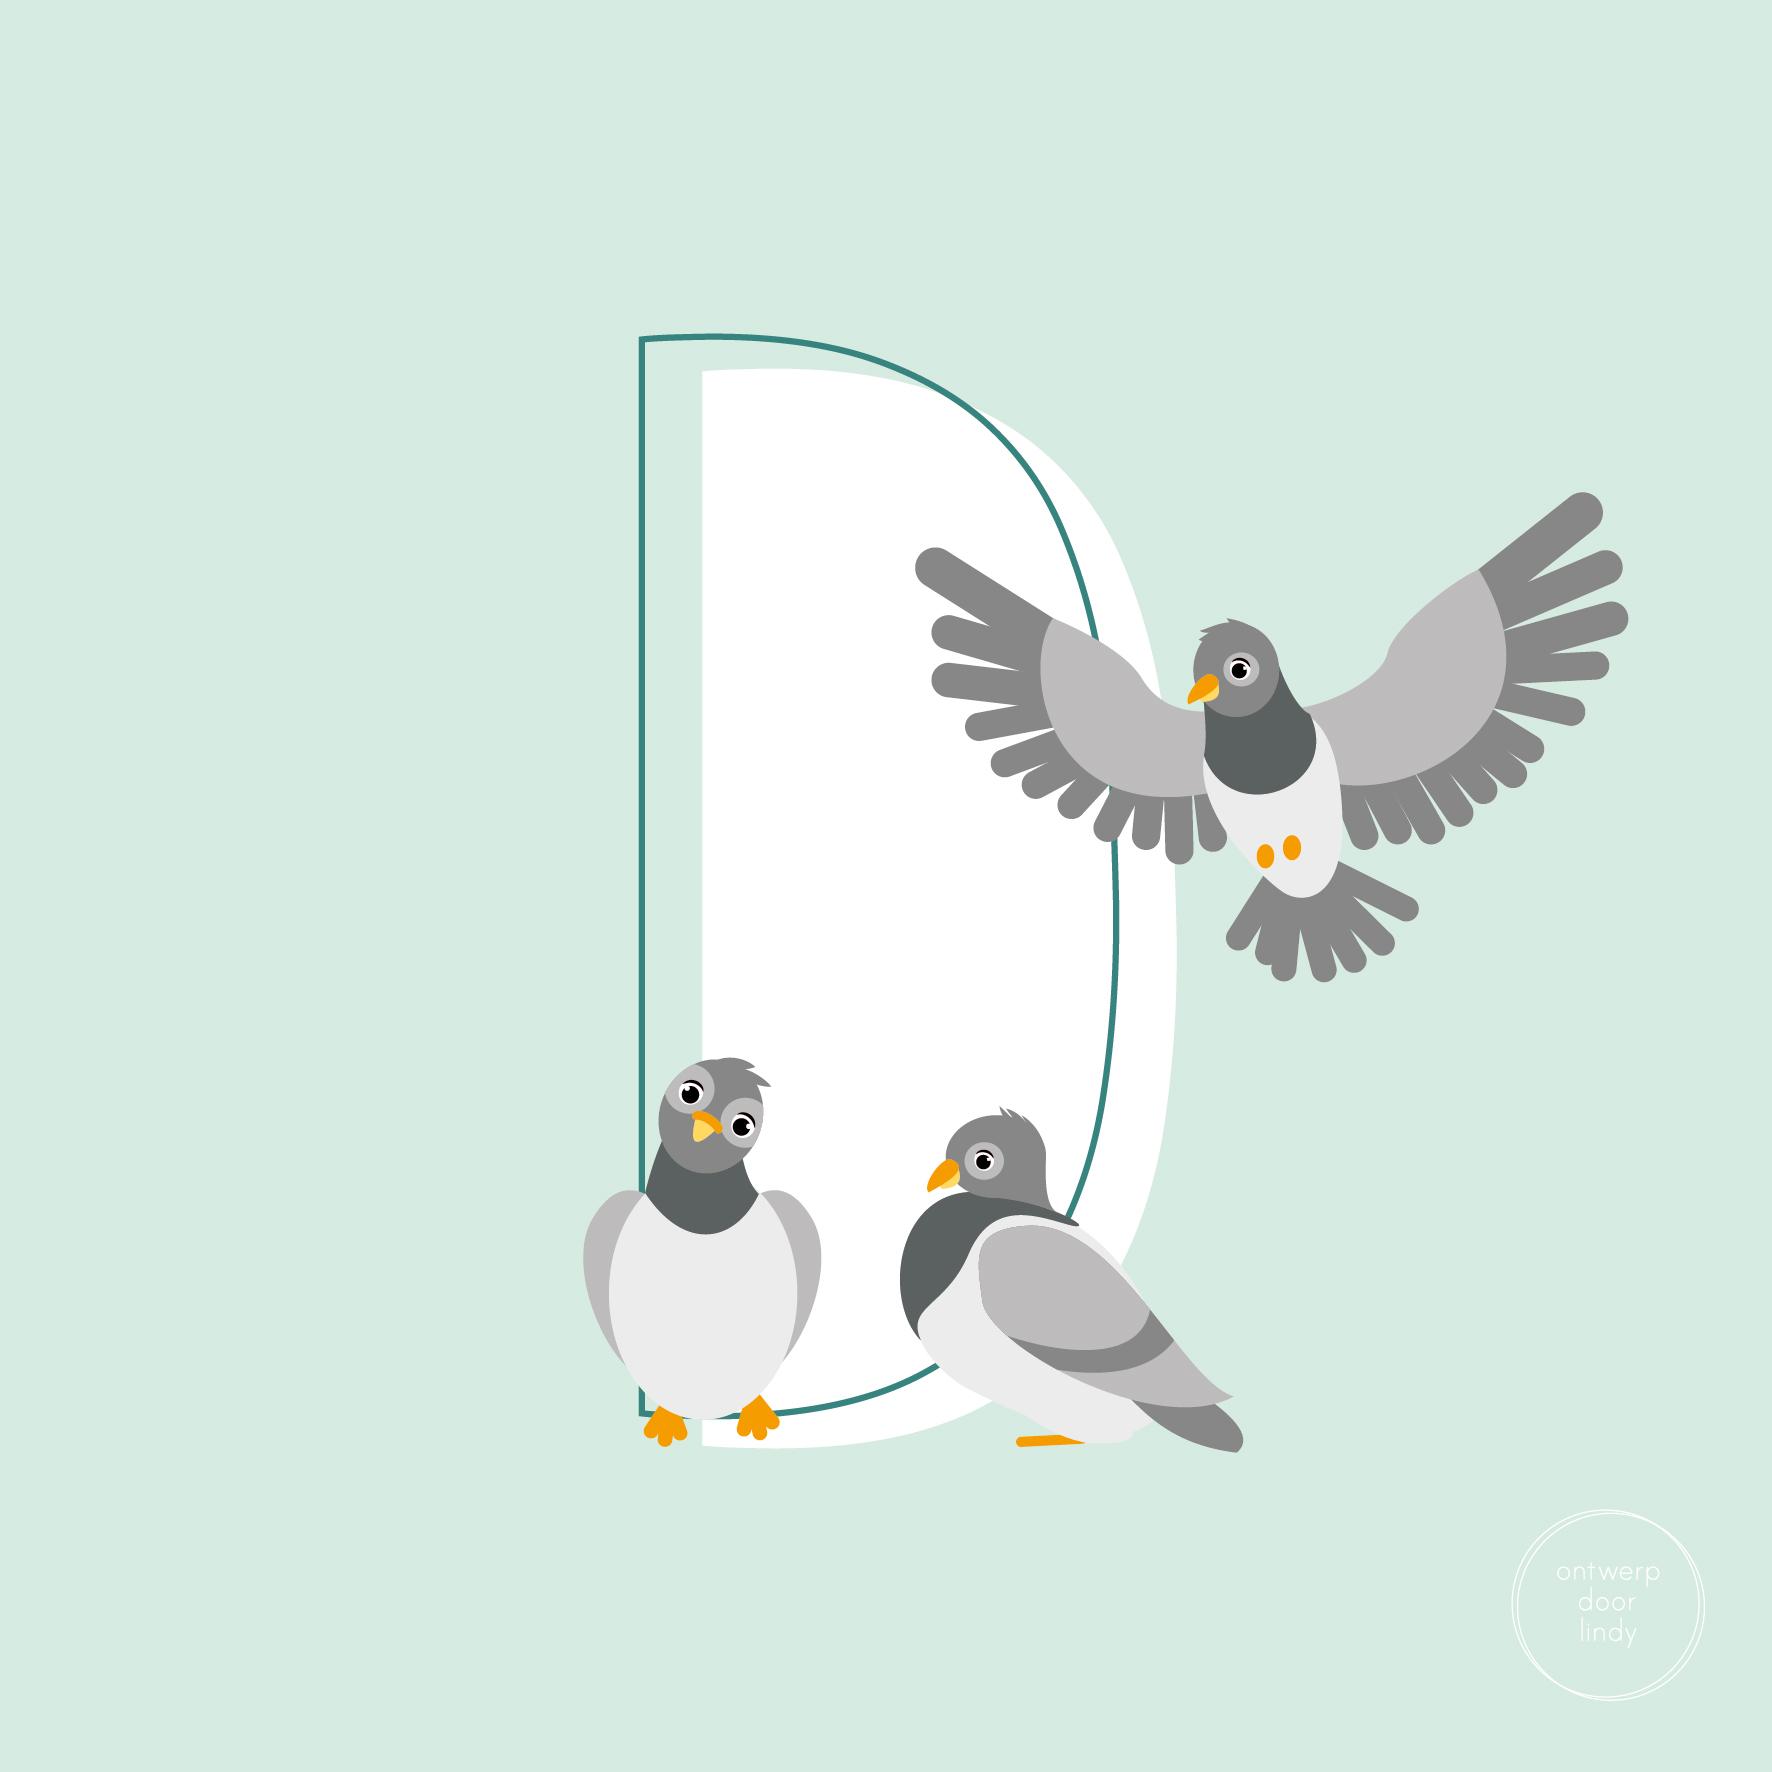 illustratie ABC diertjes duiven Ontwerp door Lindy